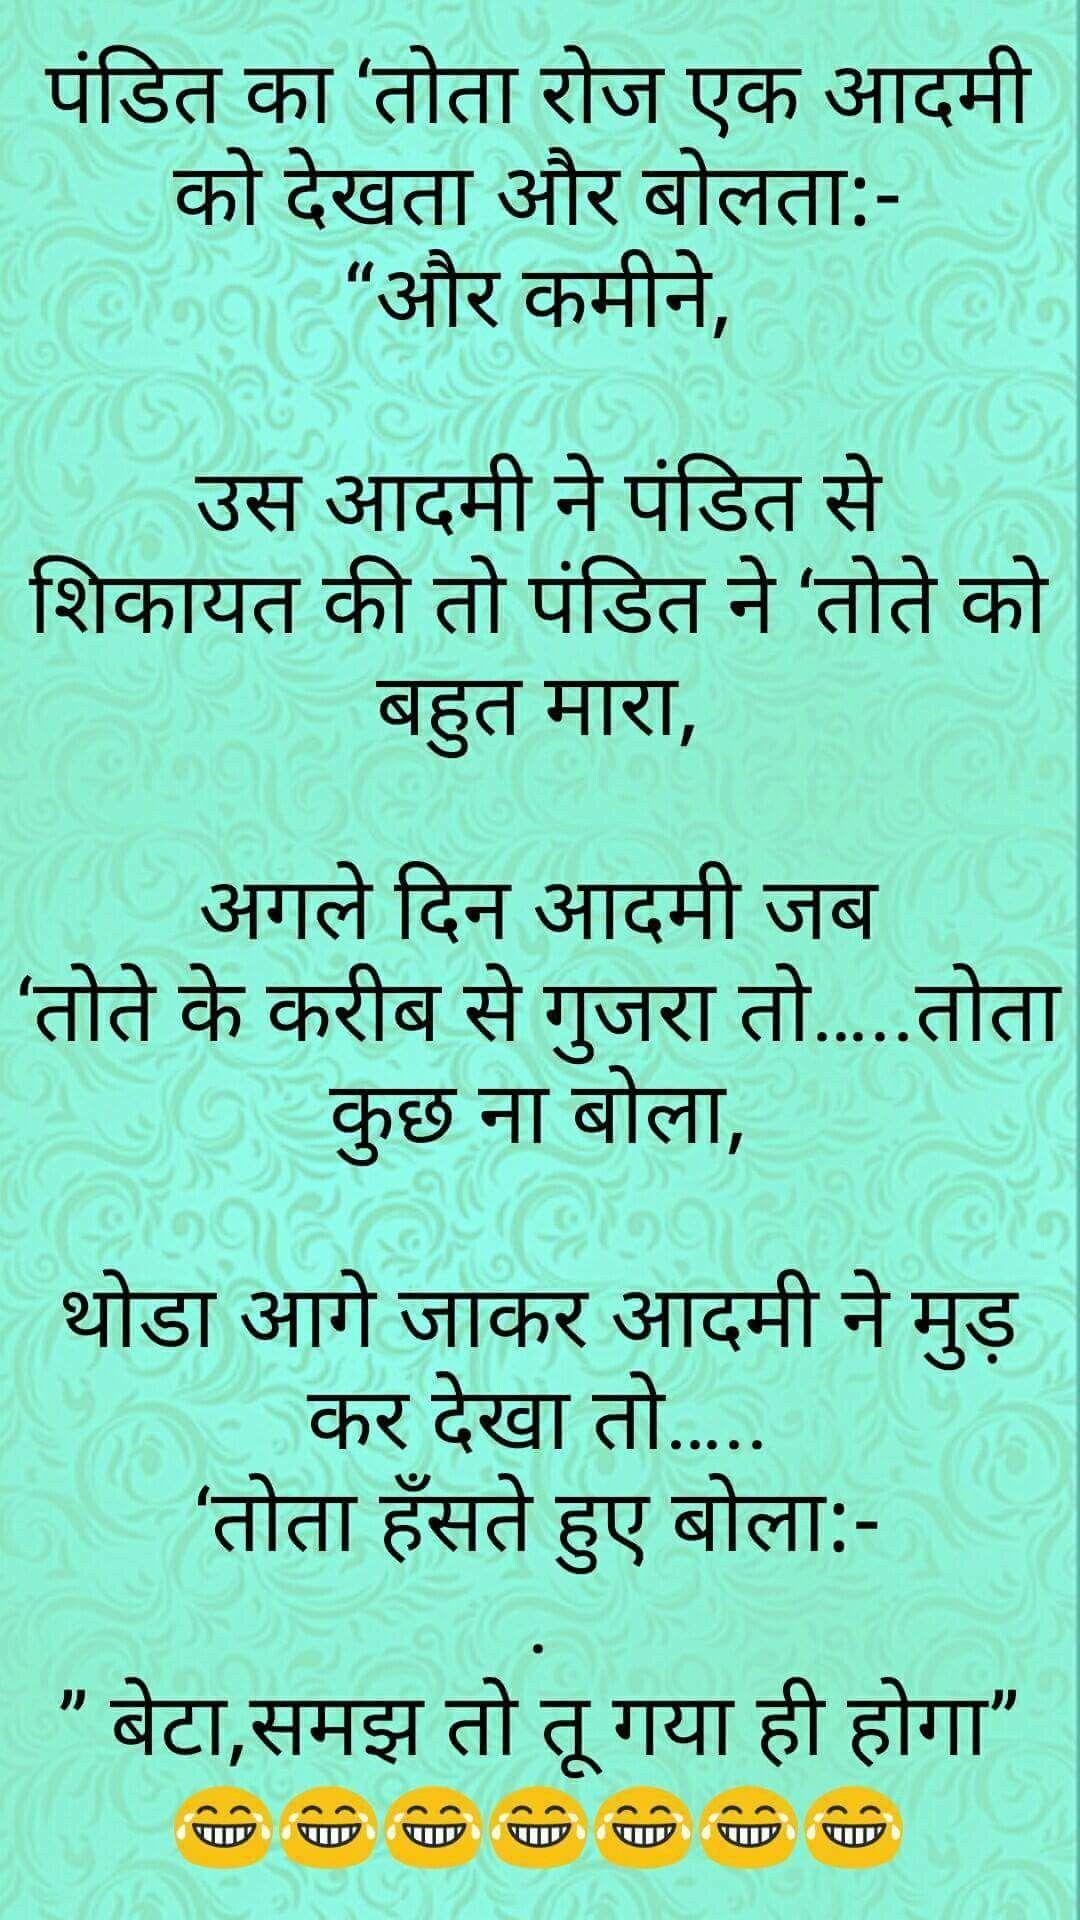 HAHAHAHAHA Funny jokes in hindi, Jokes quotes, Latest